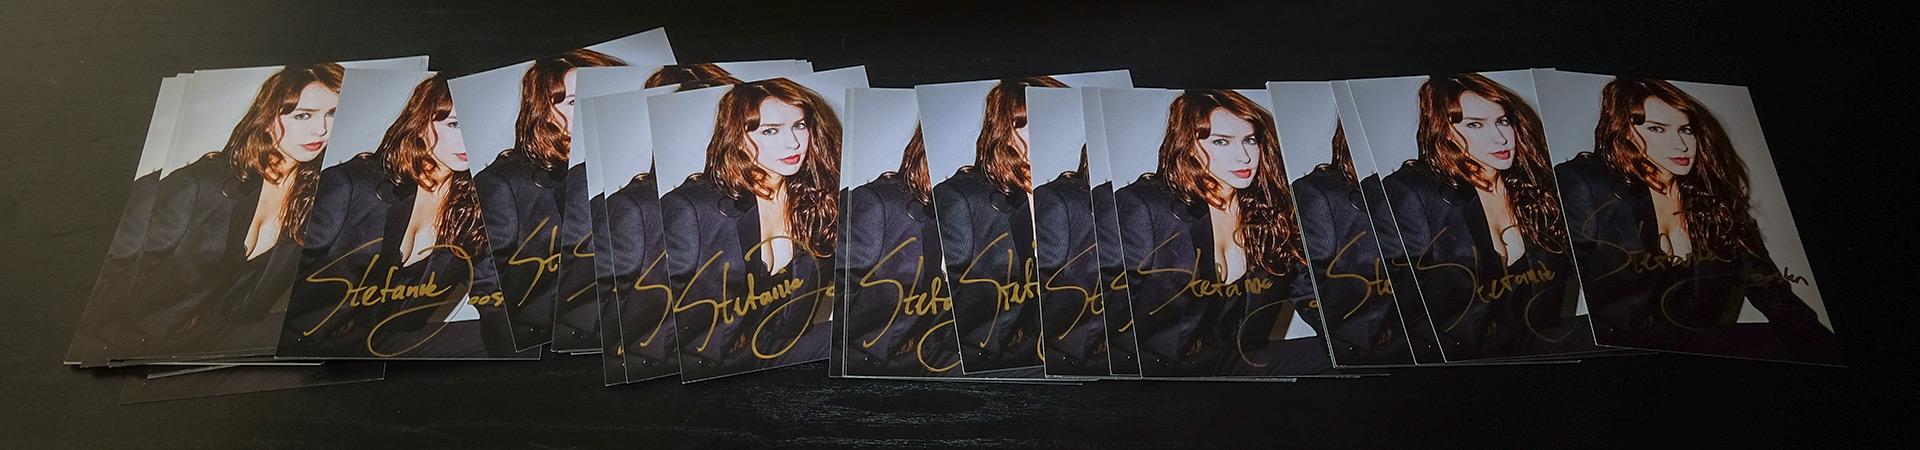 stefanie joosten signed cards